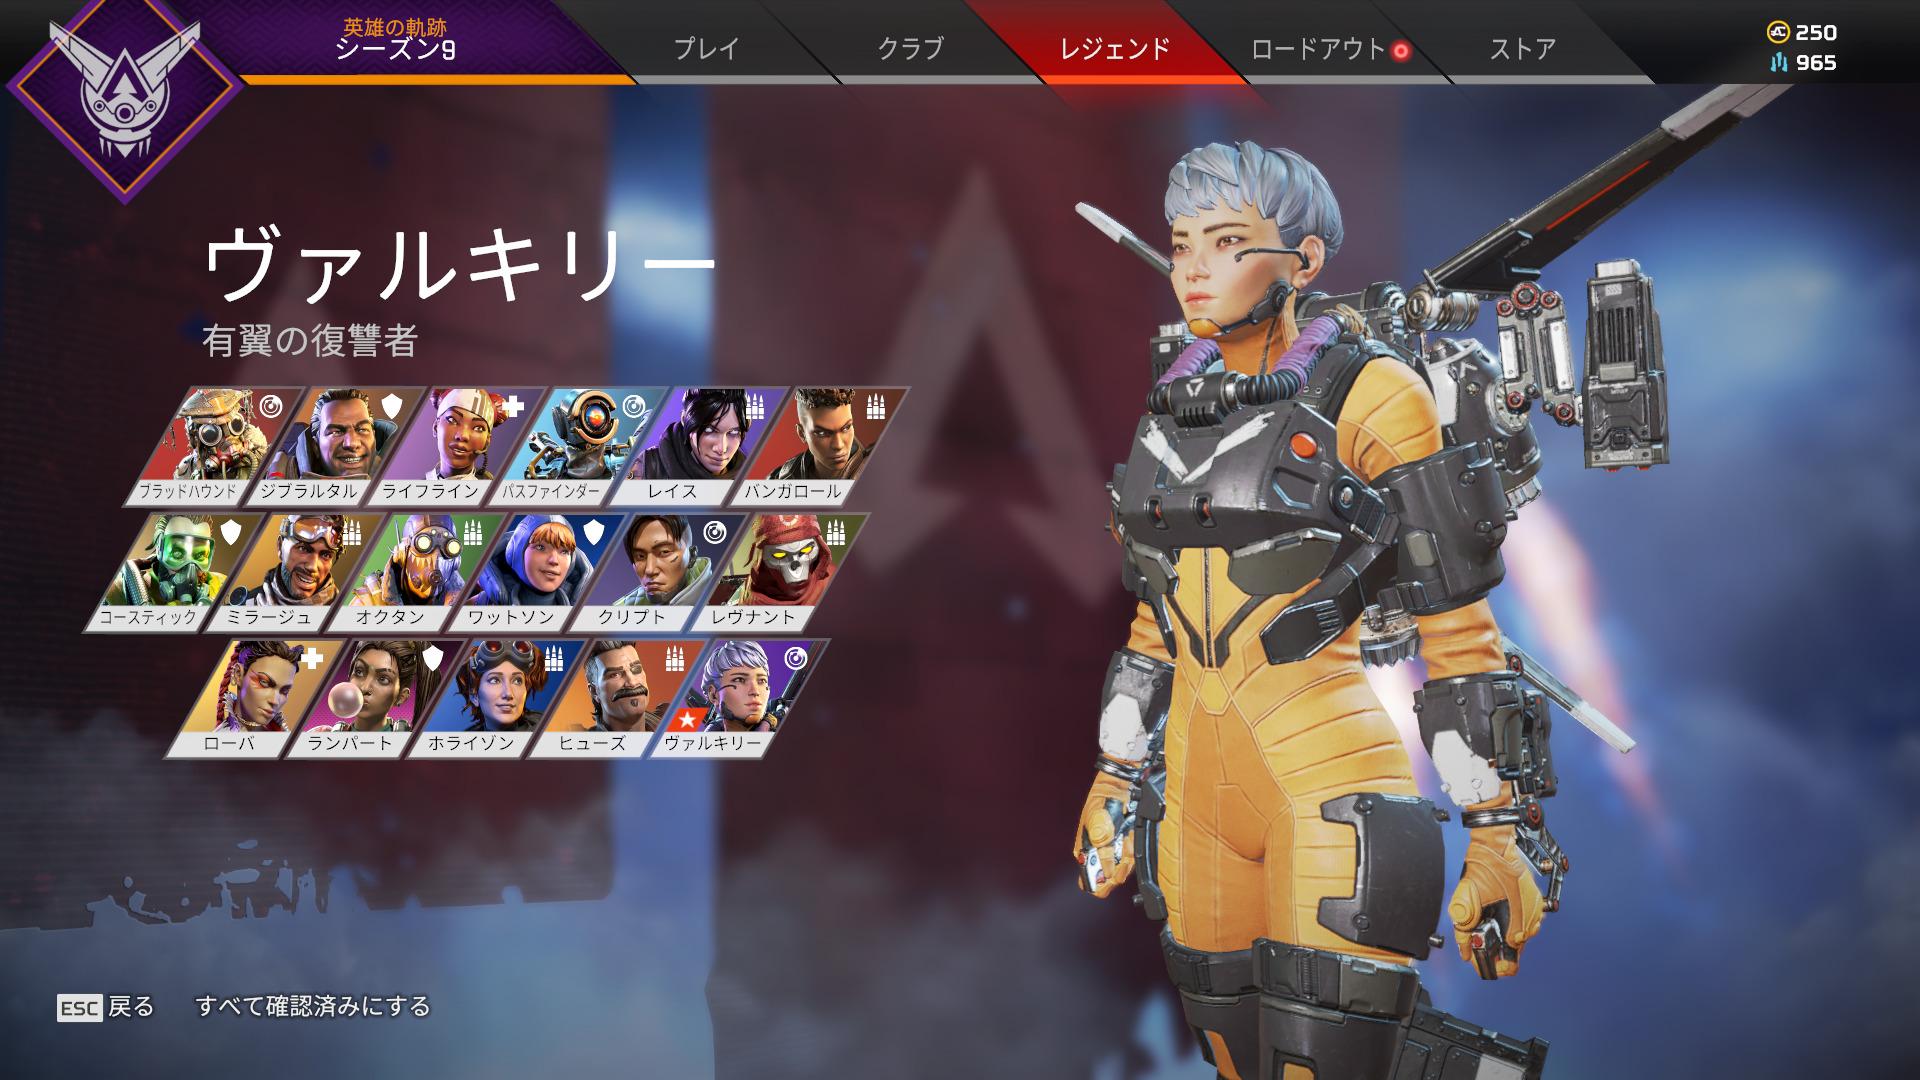 【Apex Legends】ヴァルキリー 日本語セリフ一覧【基本ボイス】【エーペックスレジェンズ】